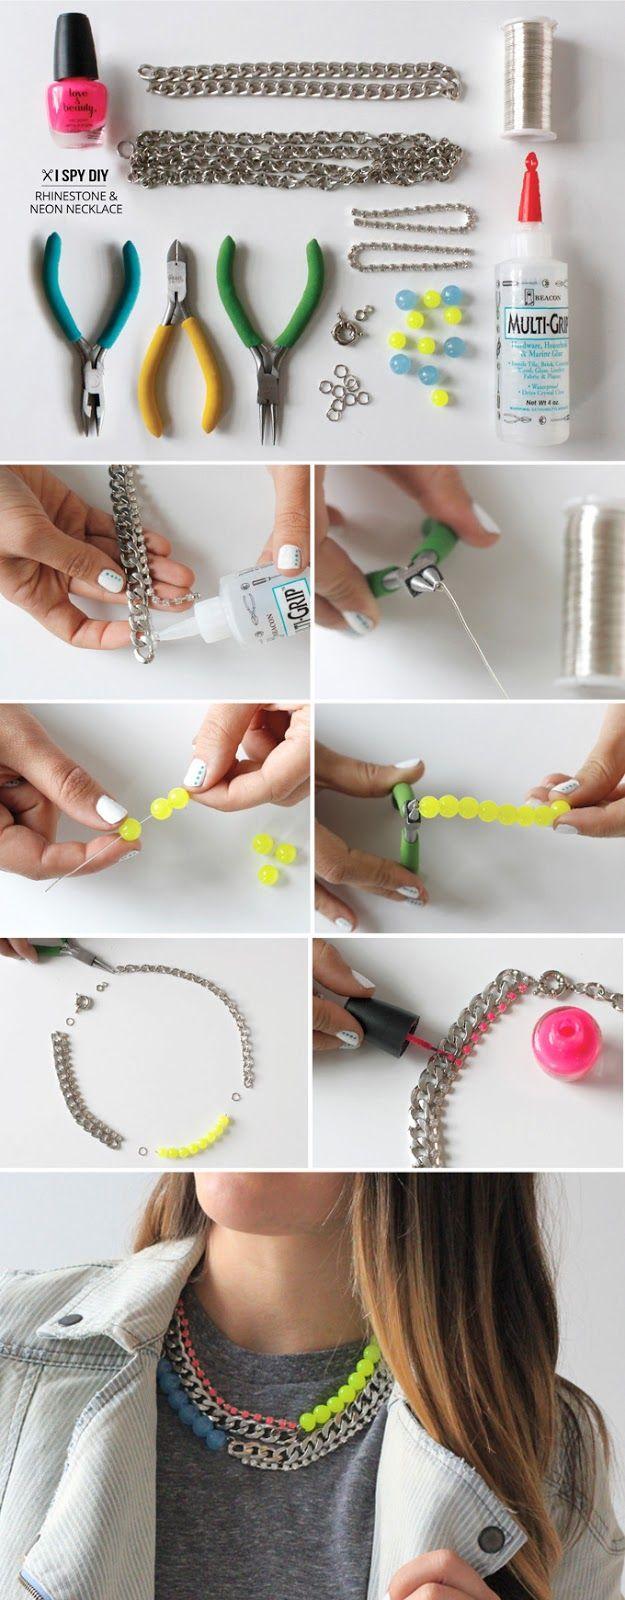 12 Maneiras de fazer incríveis artesanato jóias diy